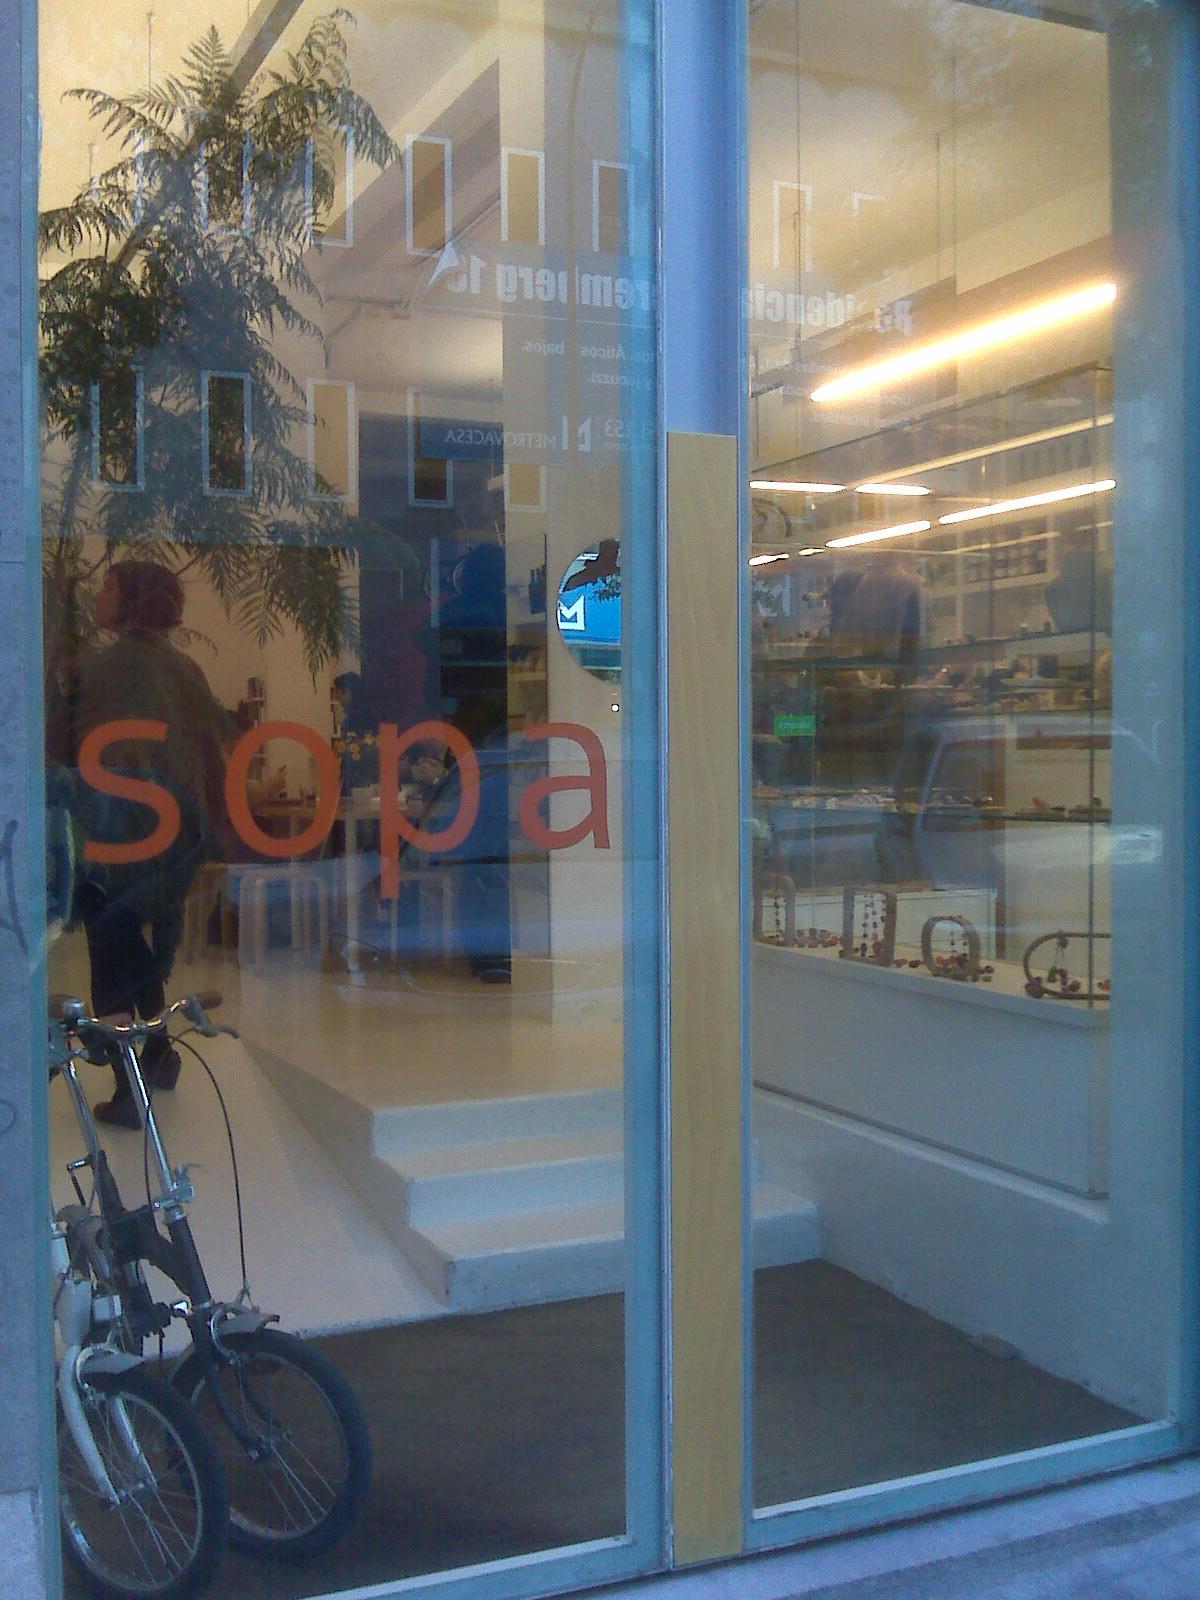 Entrada al restaurante-tienda Sopa